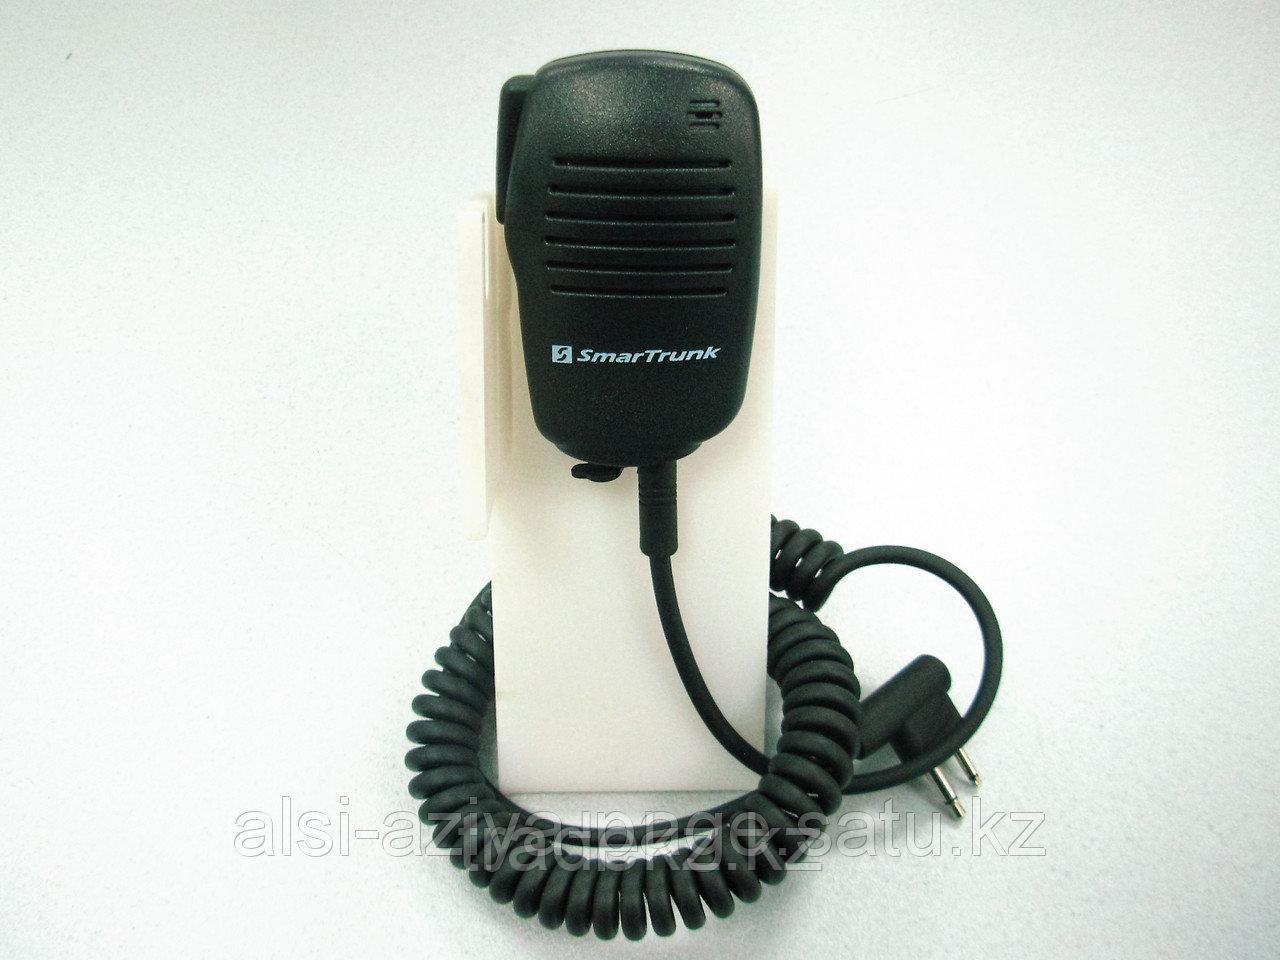 Микрофон SmarTrunk ST-2112EM выносной, со встроенным динамиком для носимых радиостанций Kenwood